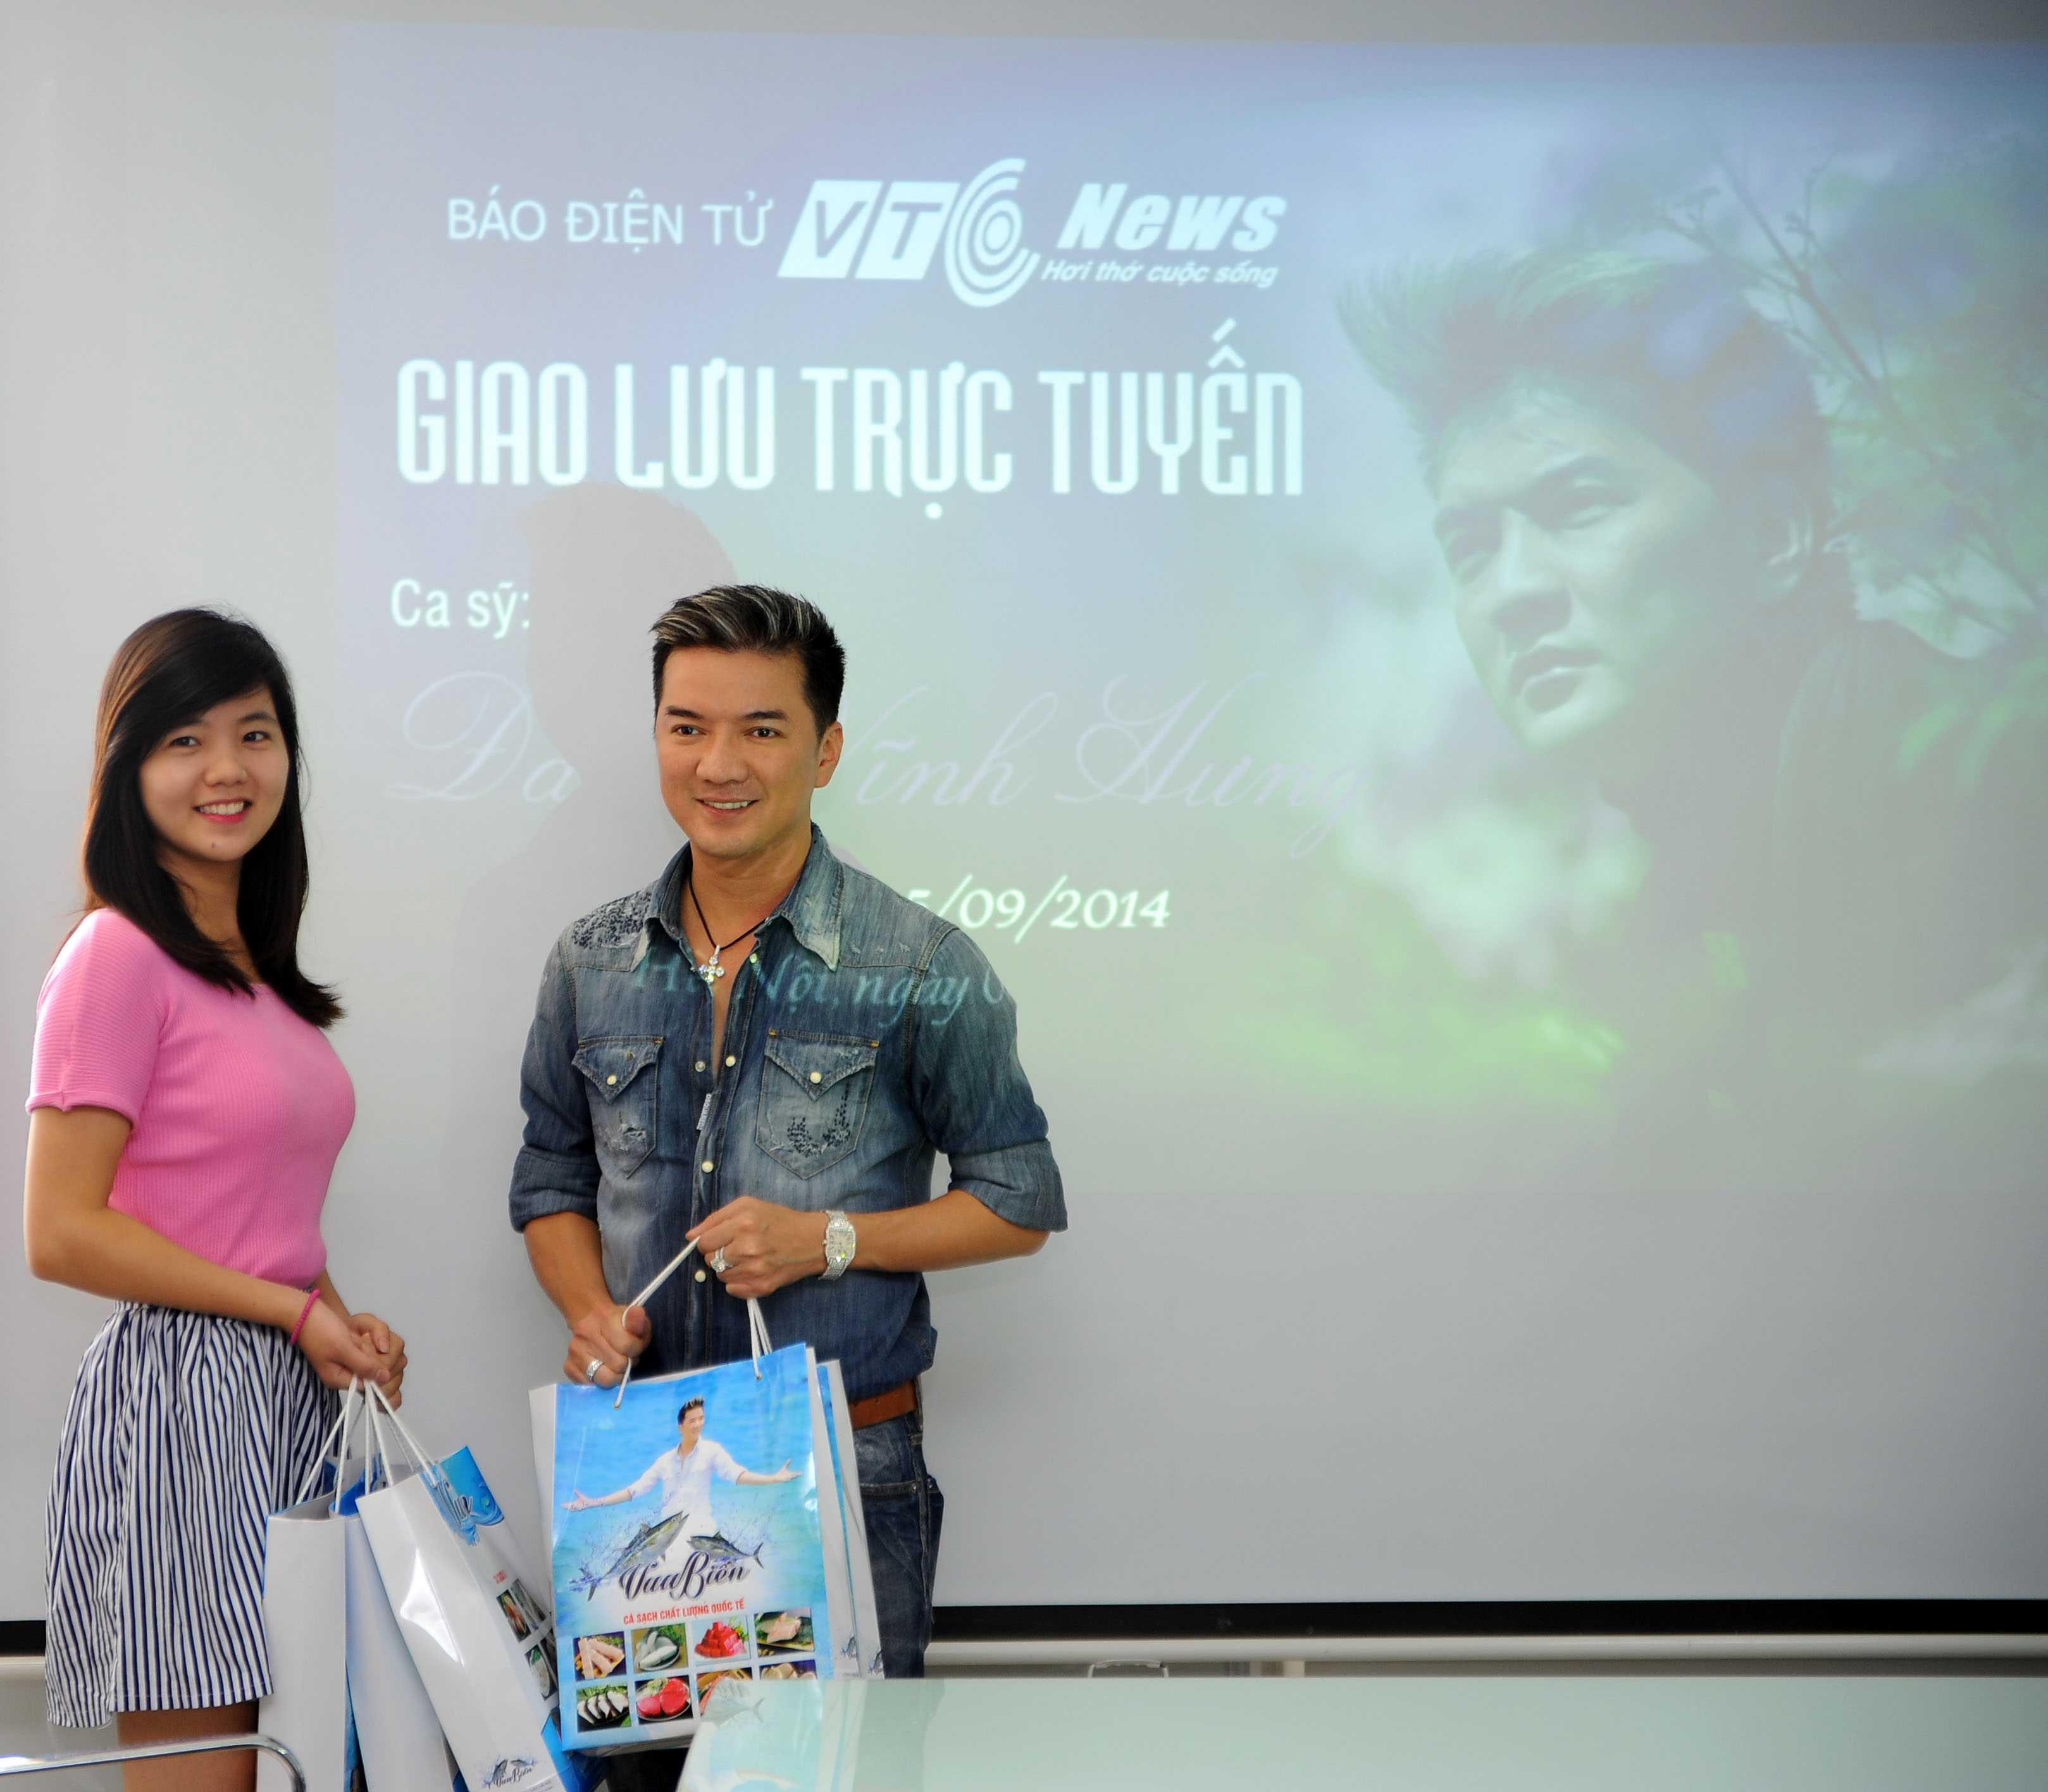 Ca sỹ Đàm Vĩnh Hưng gửi quà tặng từ nhãn hàng Vua Biển tới 5 độc giả đã tham gia đặt câu hỏi giao lưu trực tuyến với anh